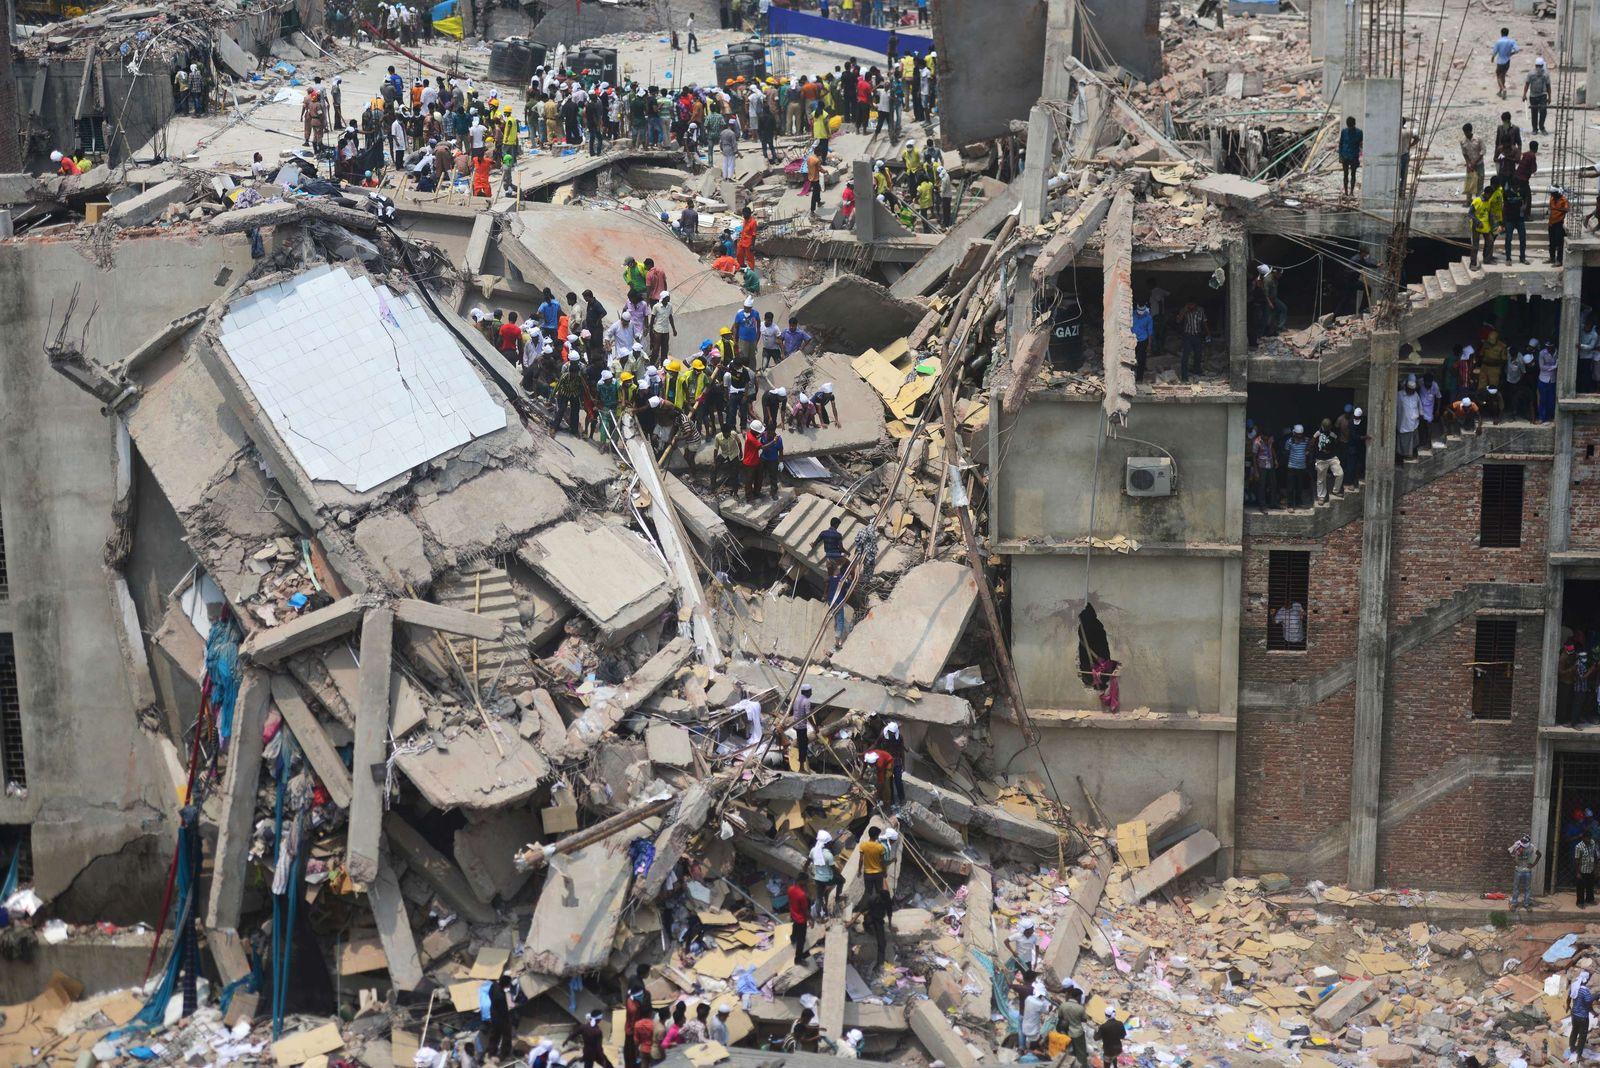 DER SPIEGEL 18/2013 S. 84 SPIN Bangladesch